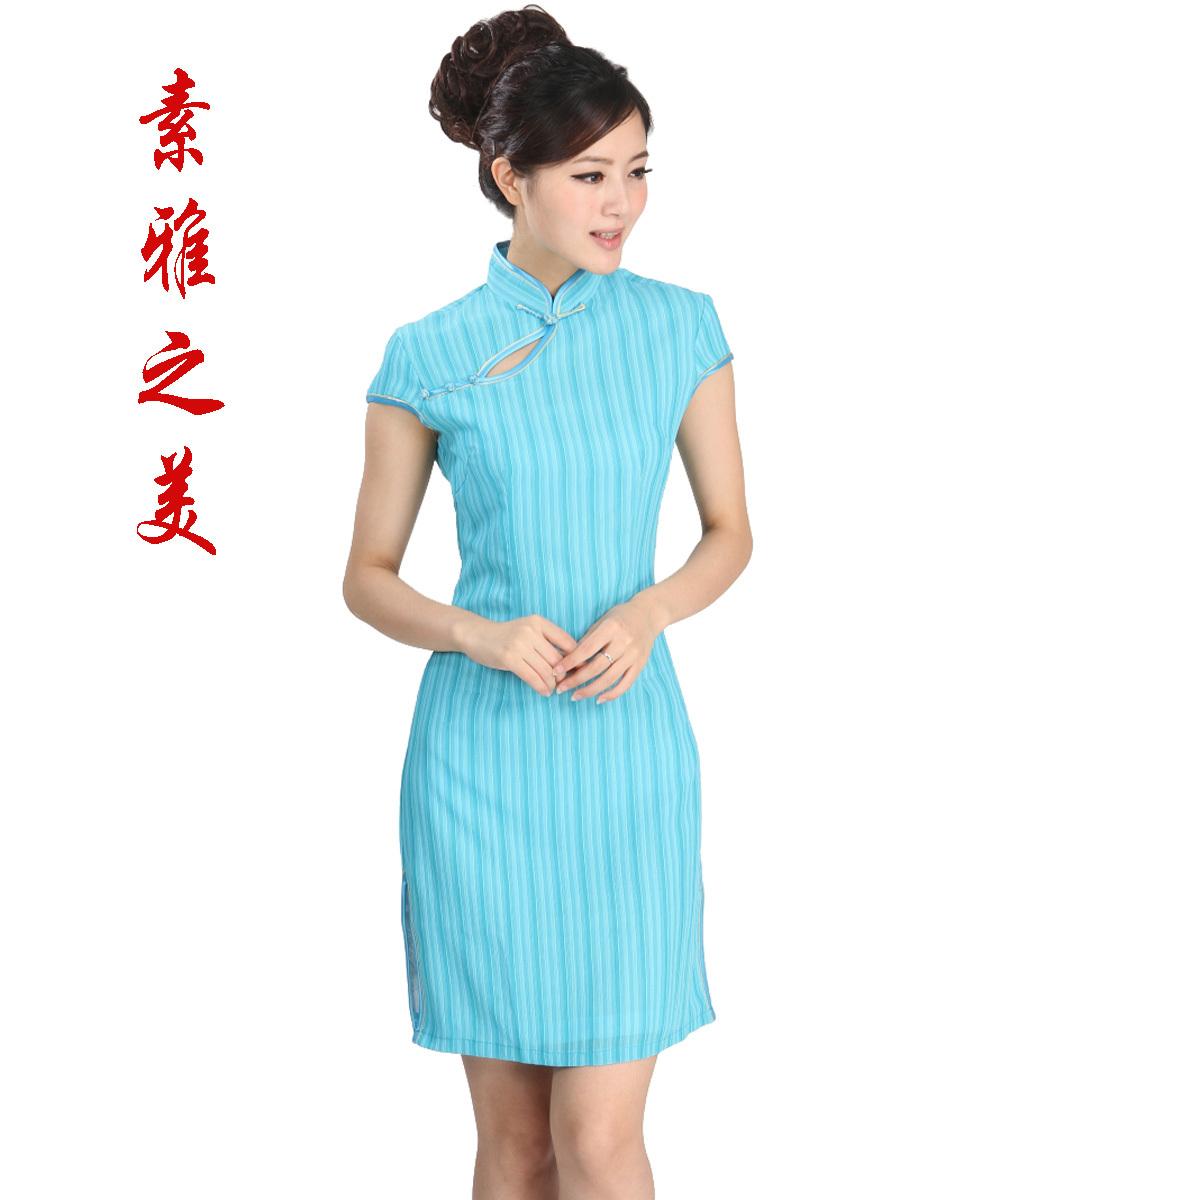 Платье Ципао Импортированные шелковой пряжи ткани и подкладочные снег cheongsam платье полосой классической элегантности моды